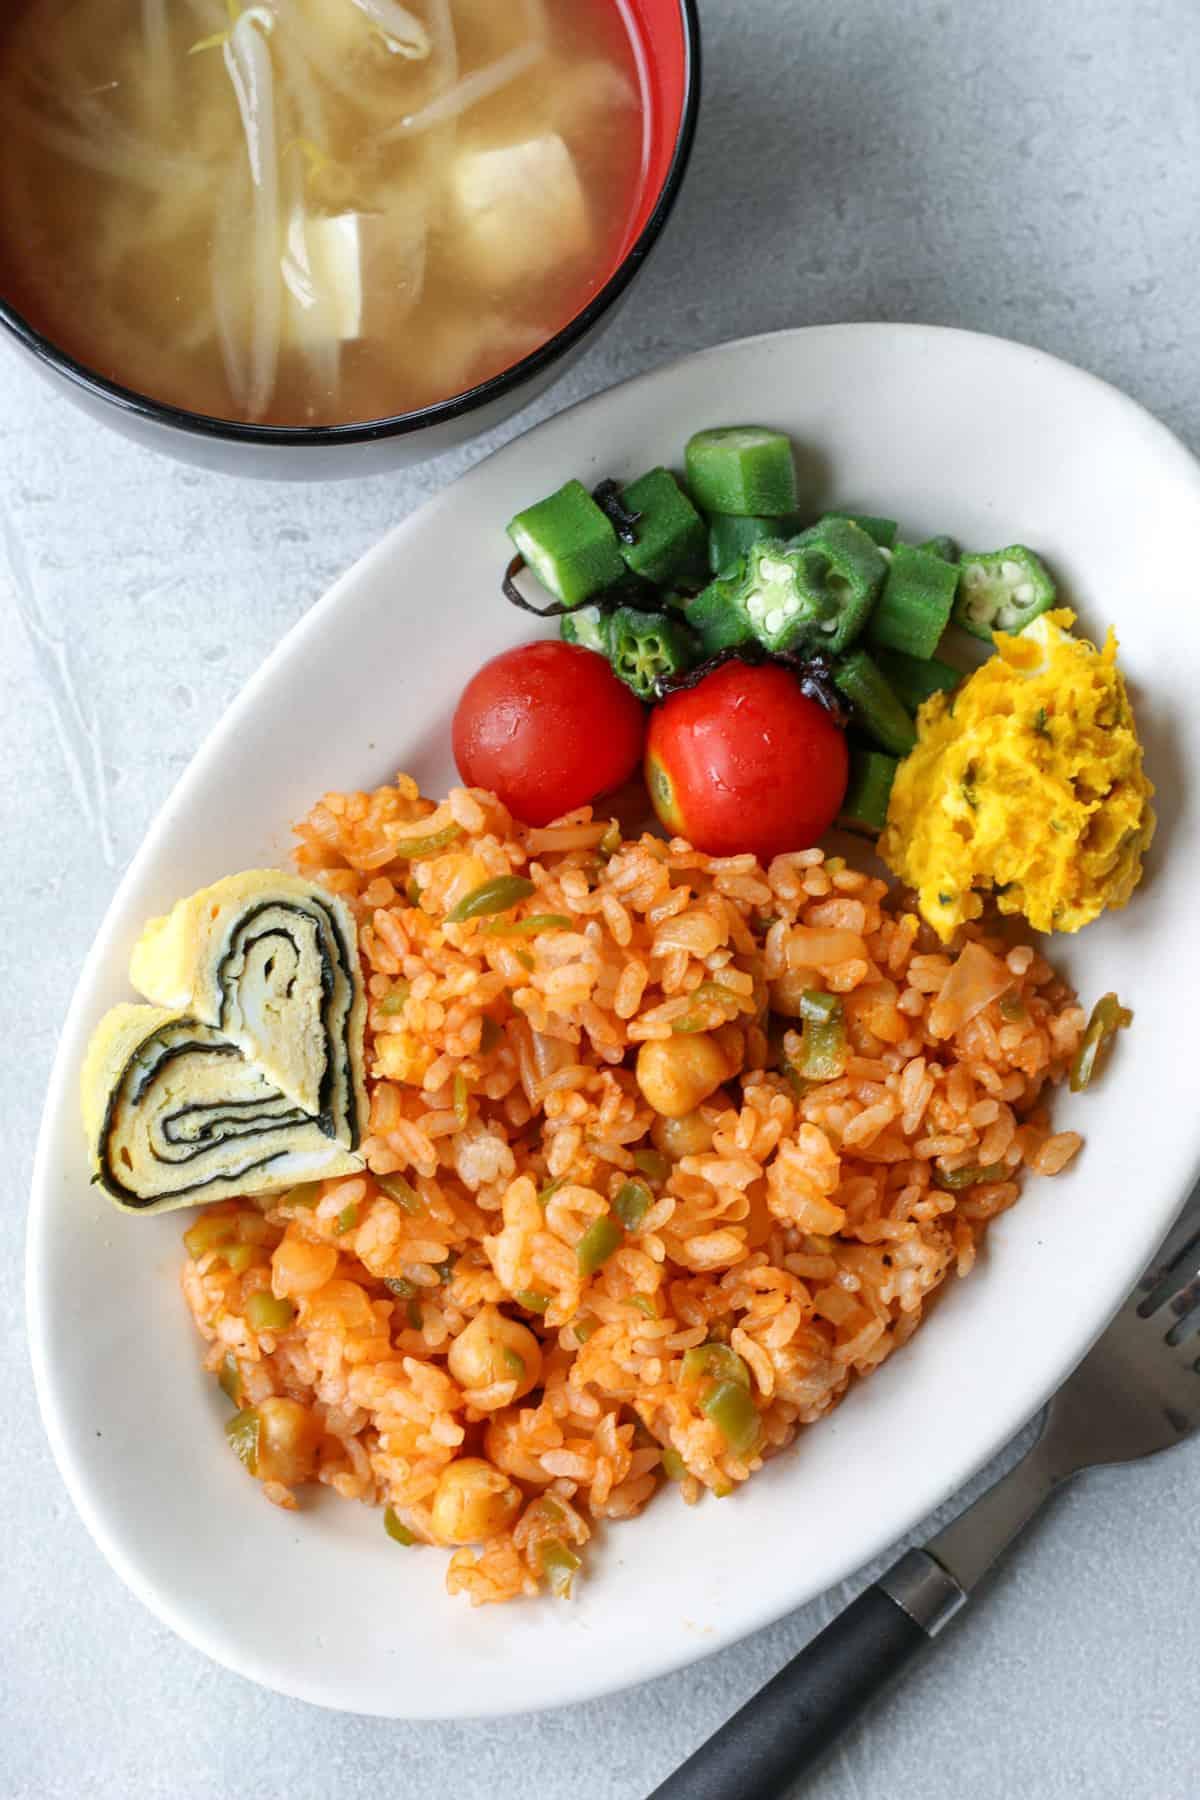 お皿に盛り付けられたケチャップライスとサラダ、味噌汁付き